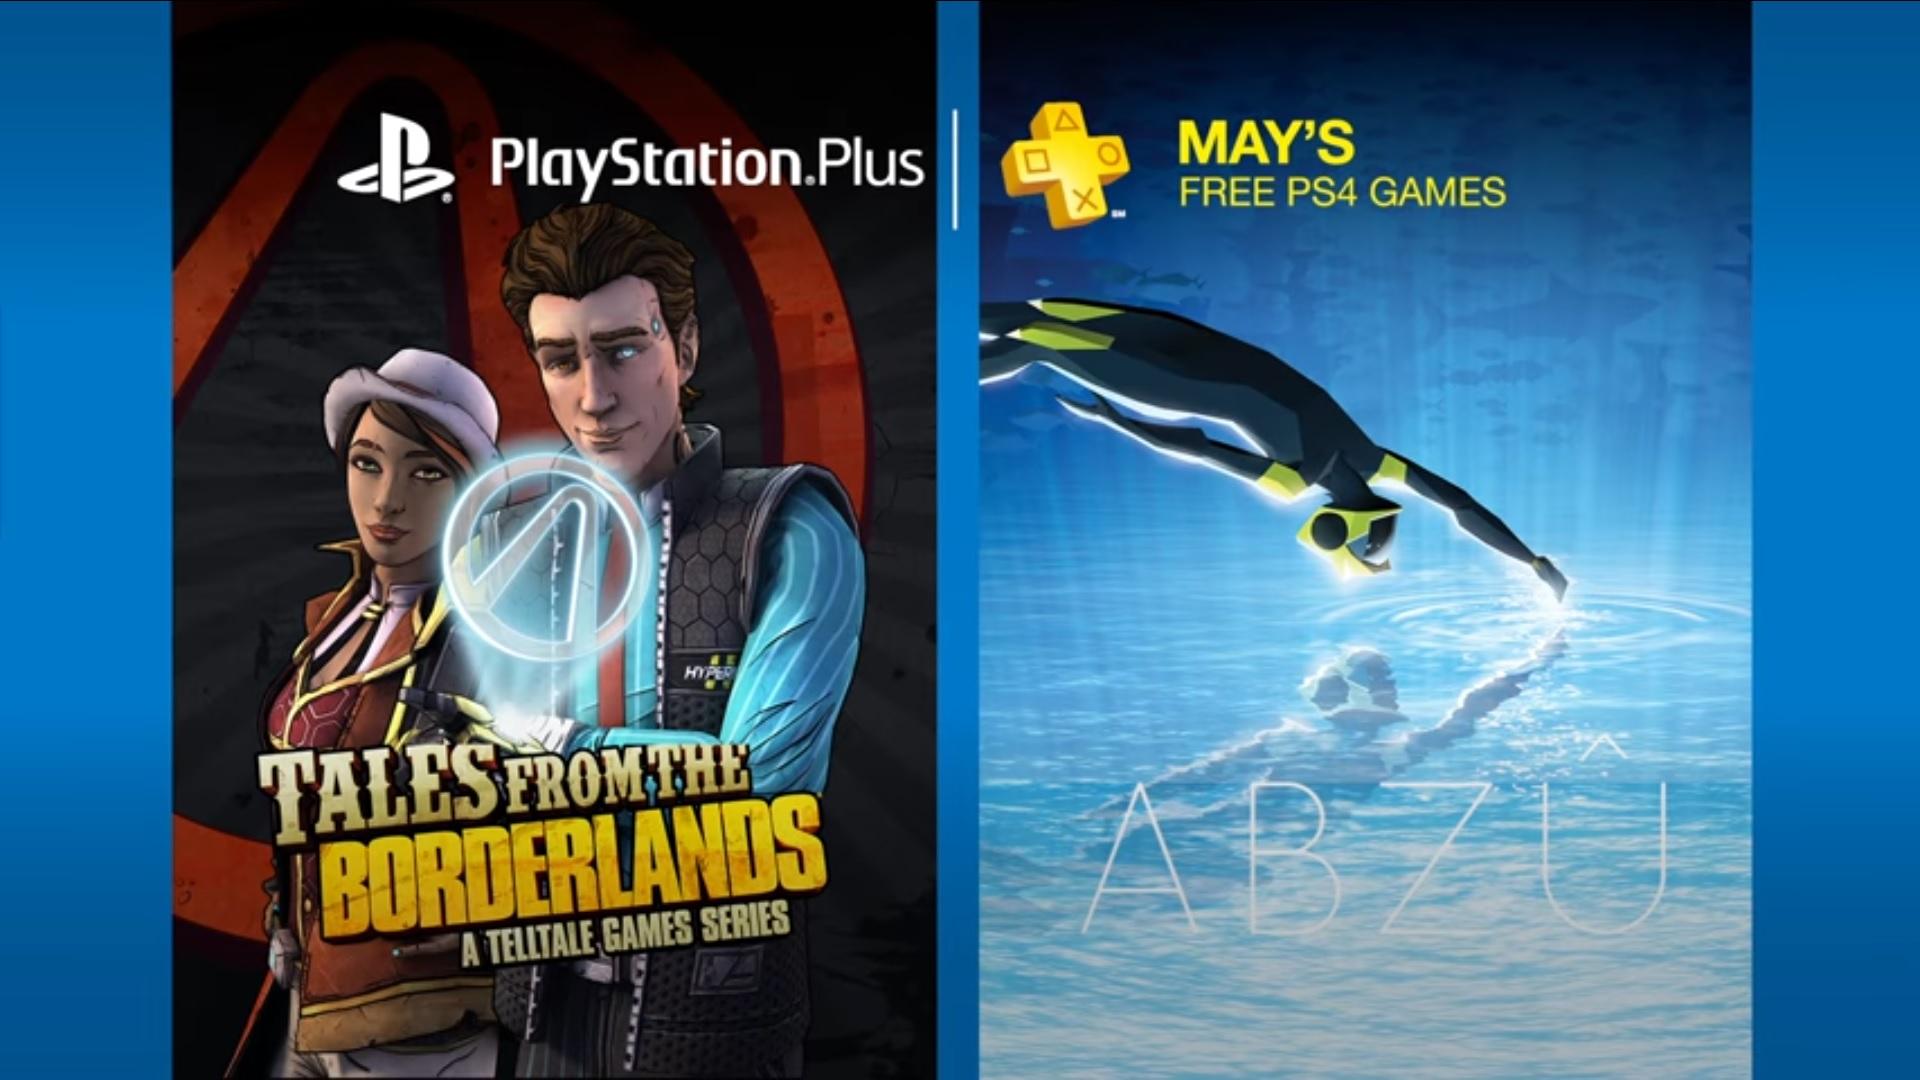 PlayStation anunció los juegos gratis con PS Plus para mayo!